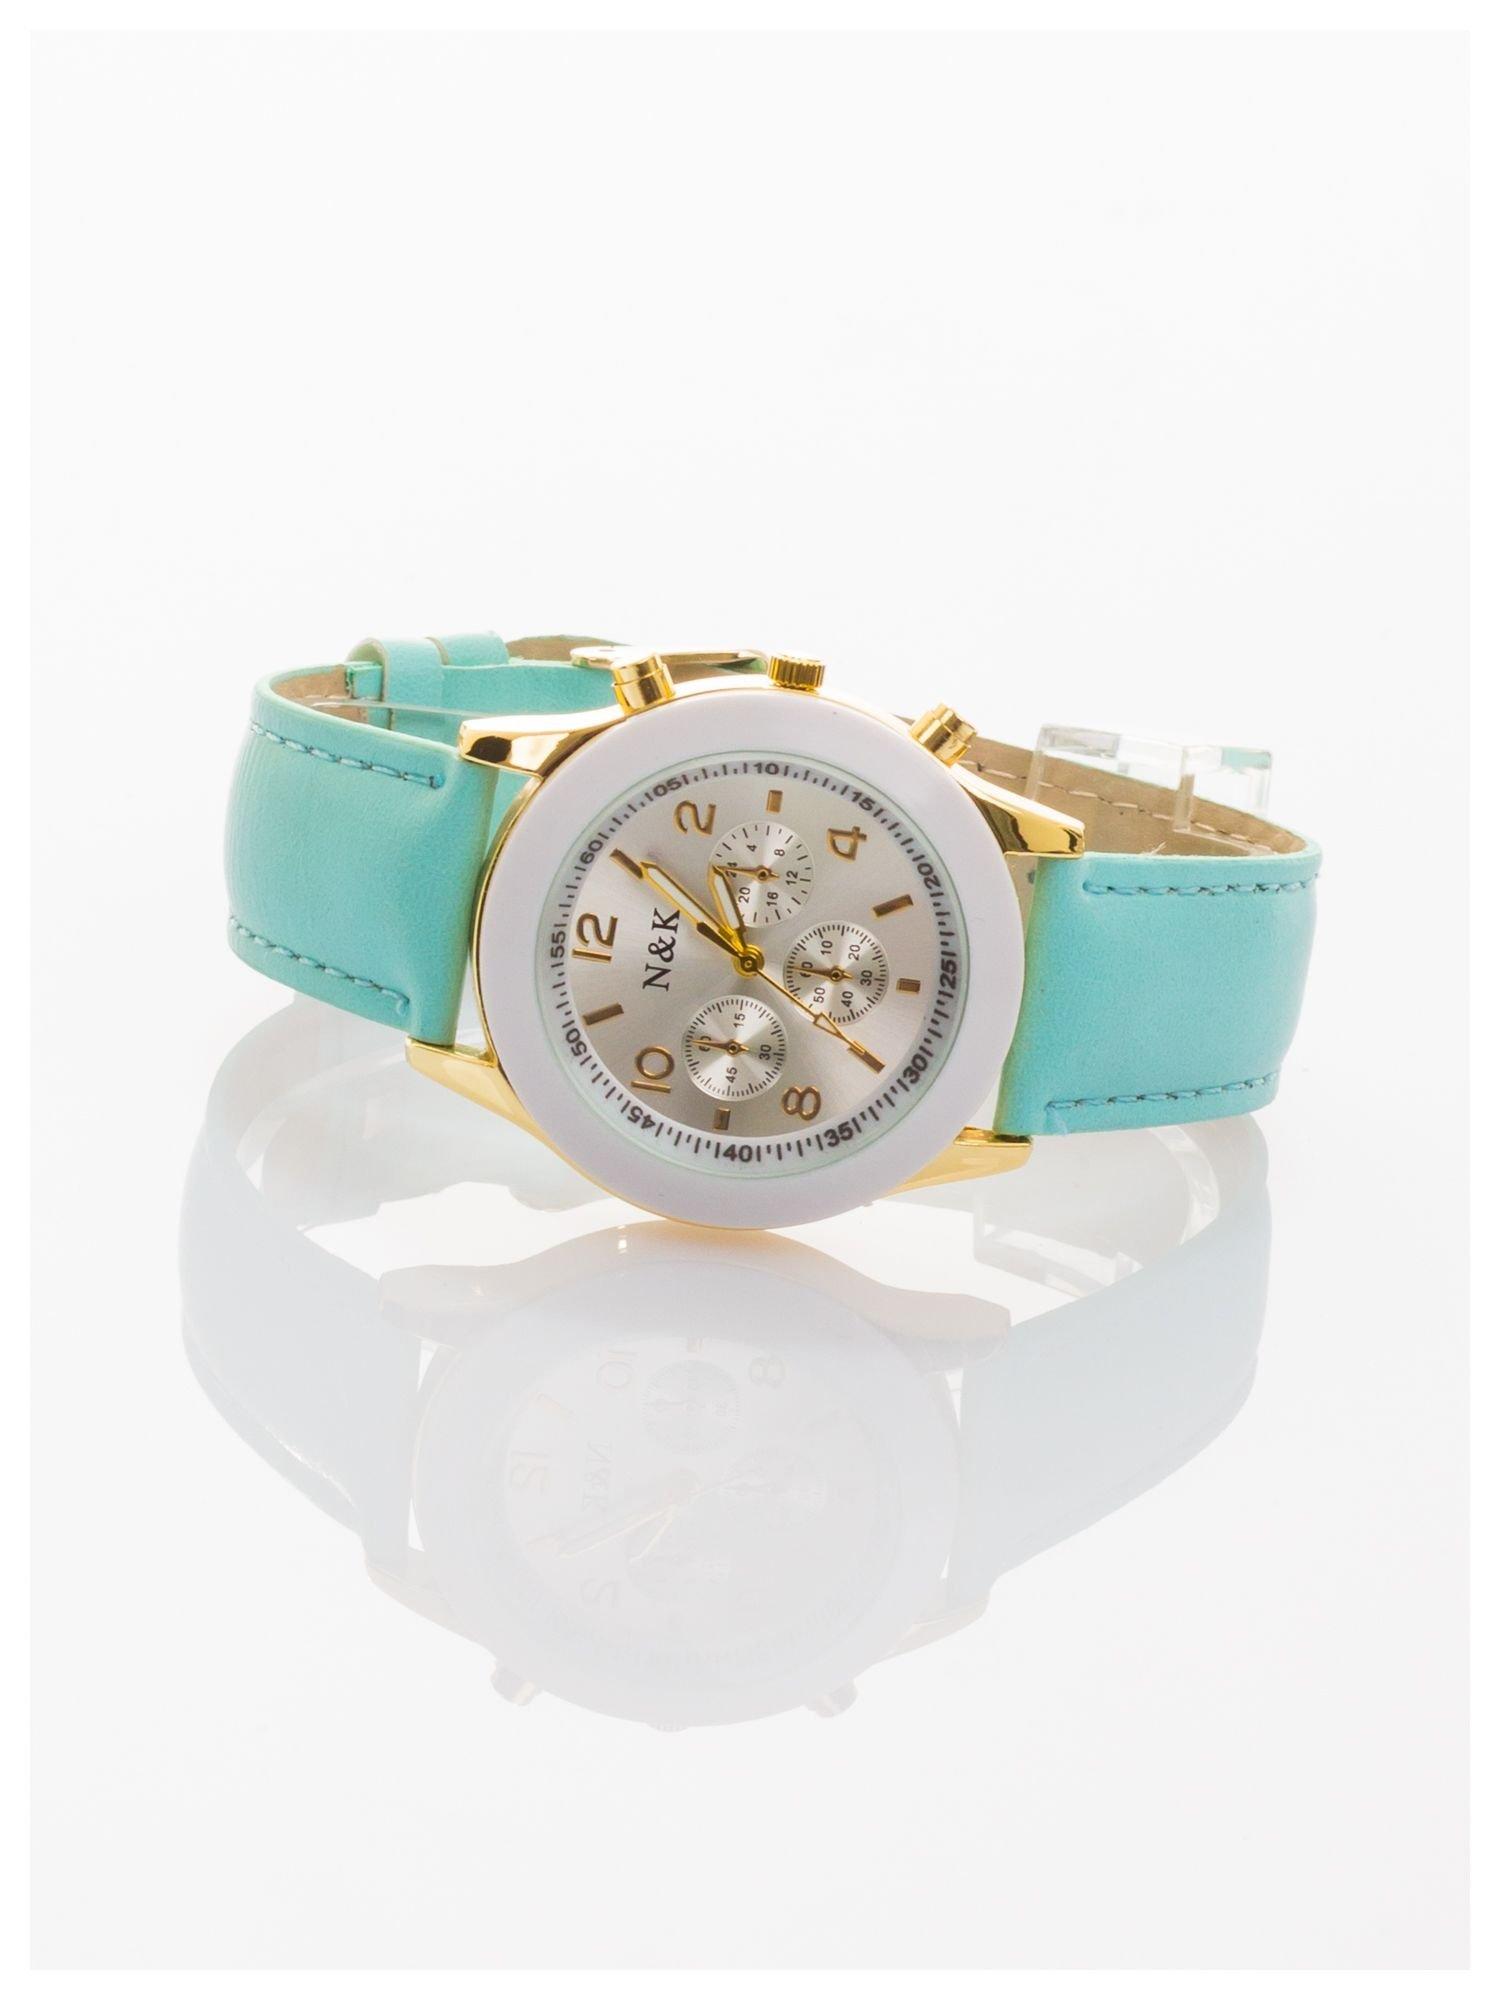 Miętowy damski zegarek z ozdobnym tachometrem                                  zdj.                                  2